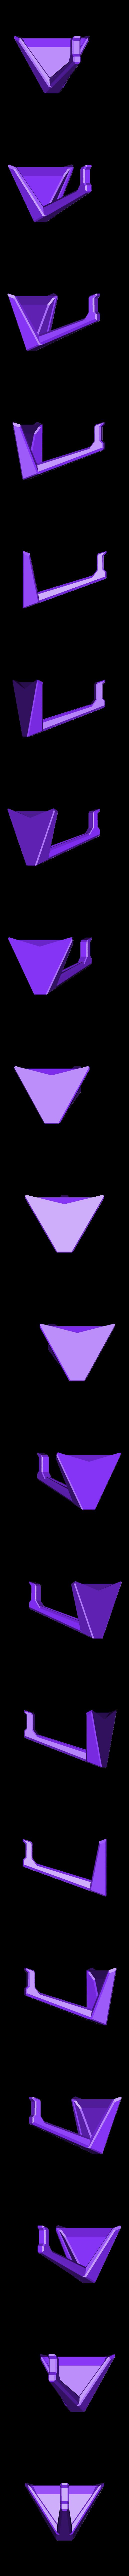 headsetholderR2_v2.stl Télécharger fichier STL Support de casque • Plan pour impression 3D, a69291954